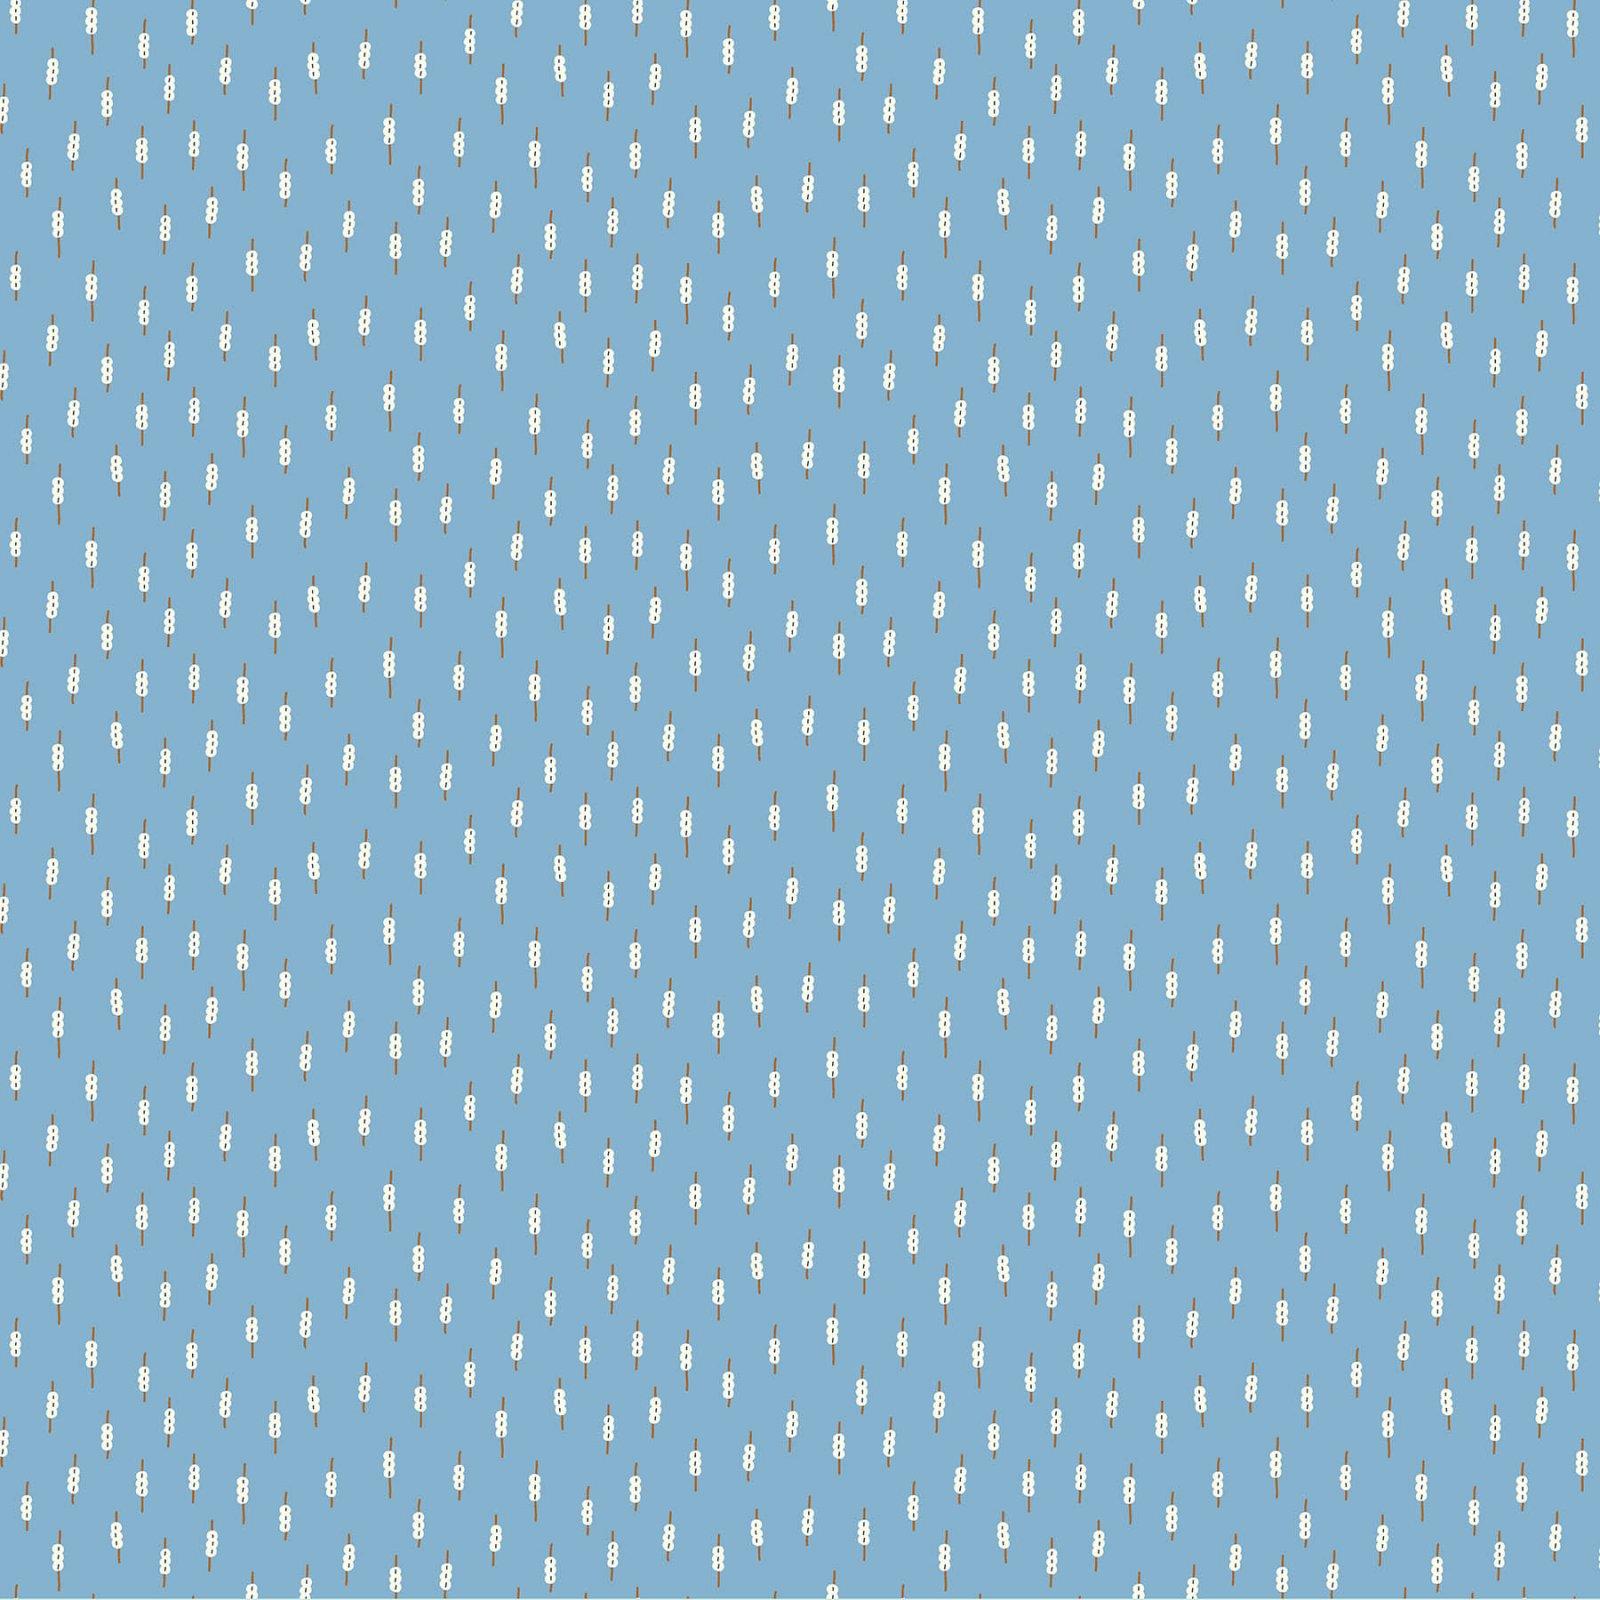 Kingyo by Lemonni for Figo - Mochi in Blue